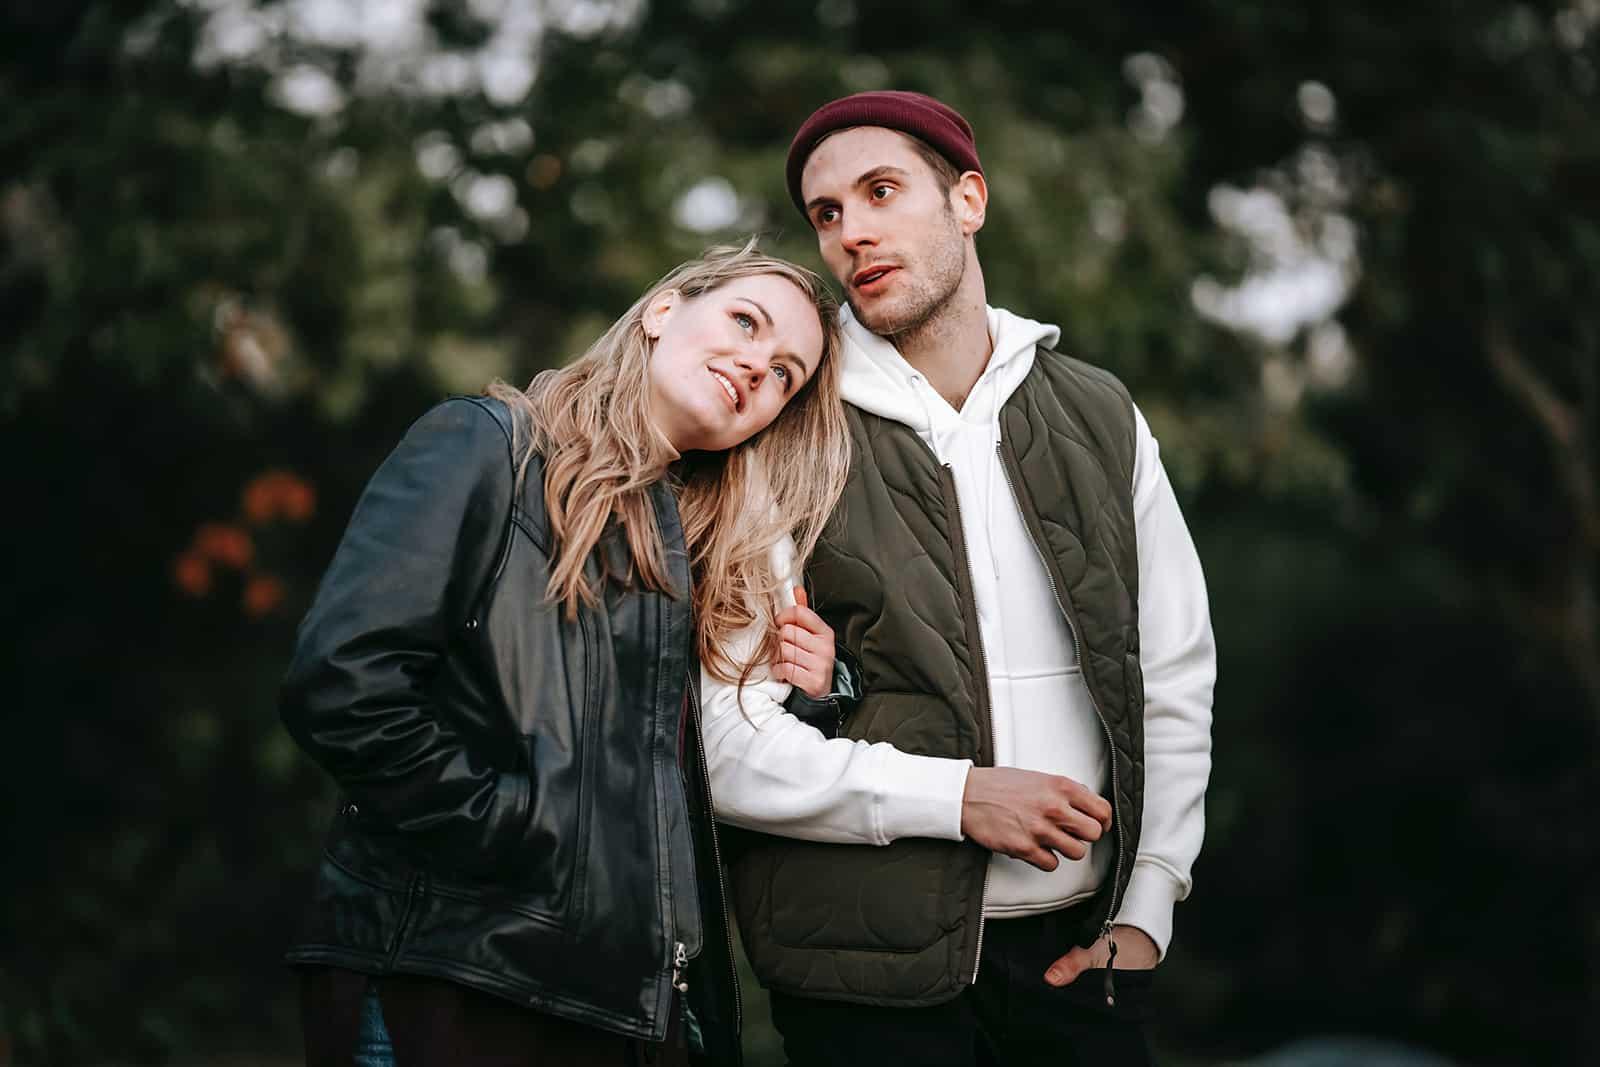 eine lächelnde Frau, die die Hand eines Mannes hält, während sie zusammen in einem Park gehen